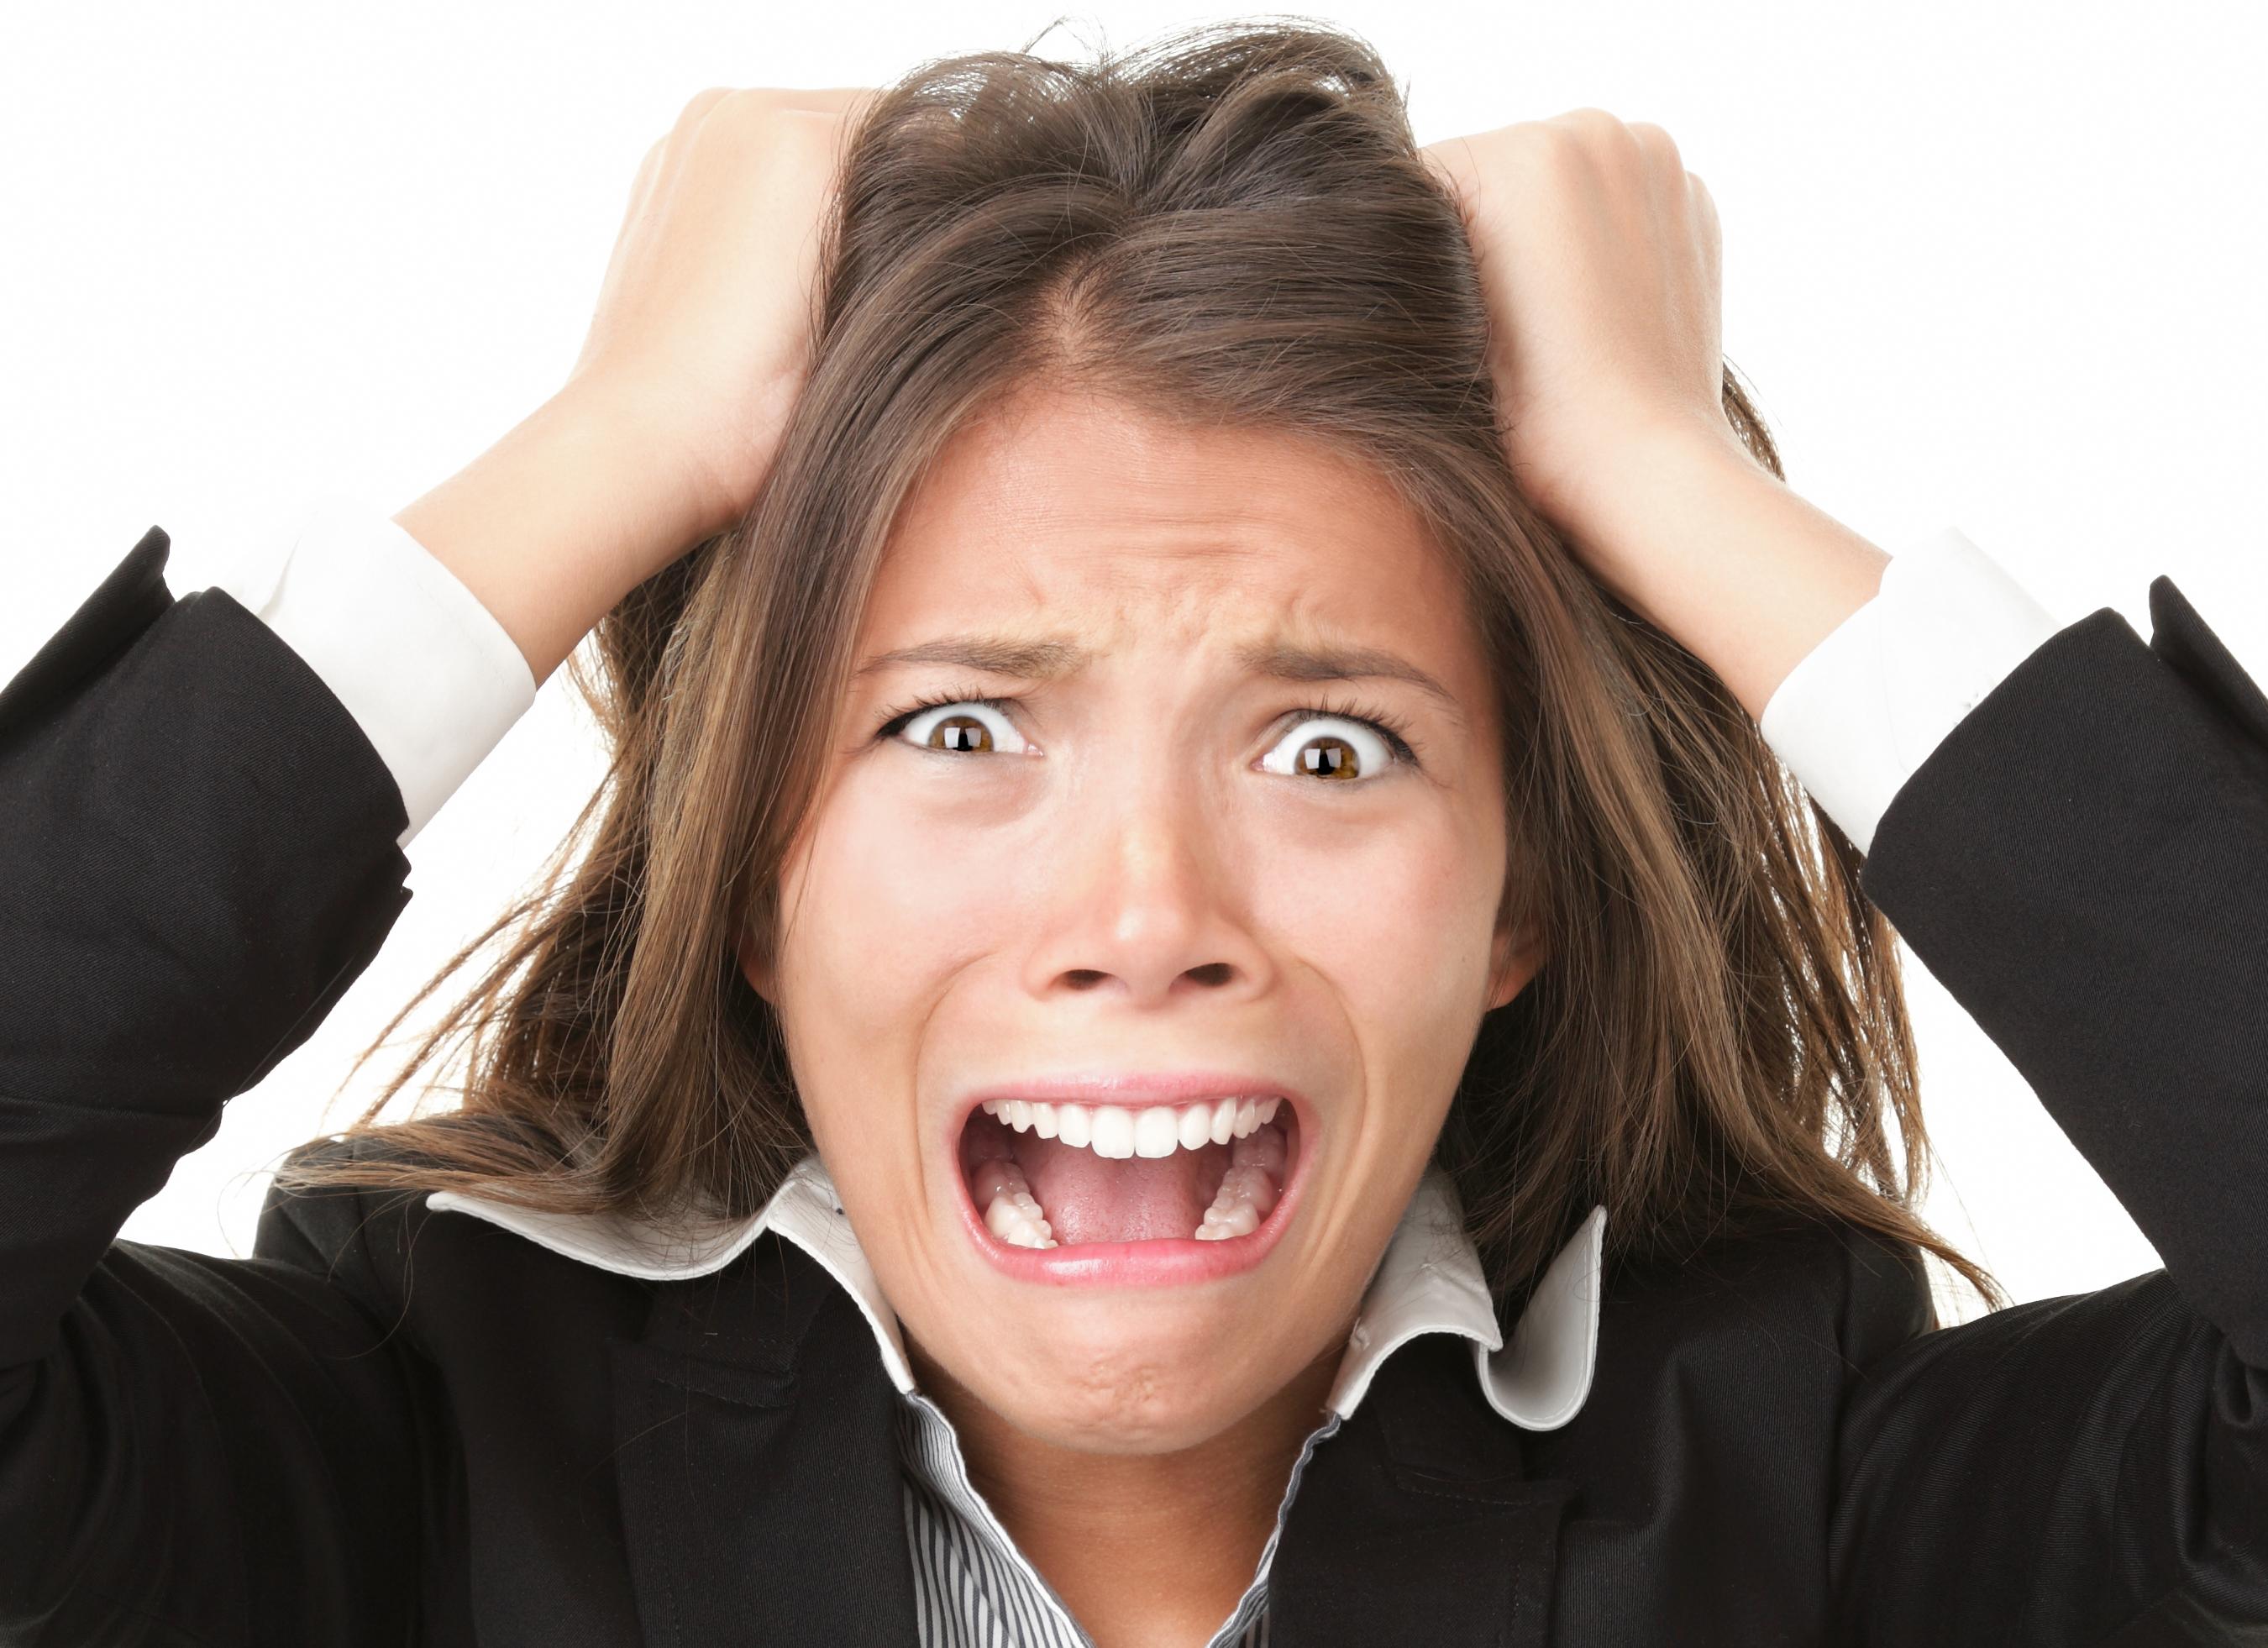 Quanto sei stressata? Scoprilo con un test!